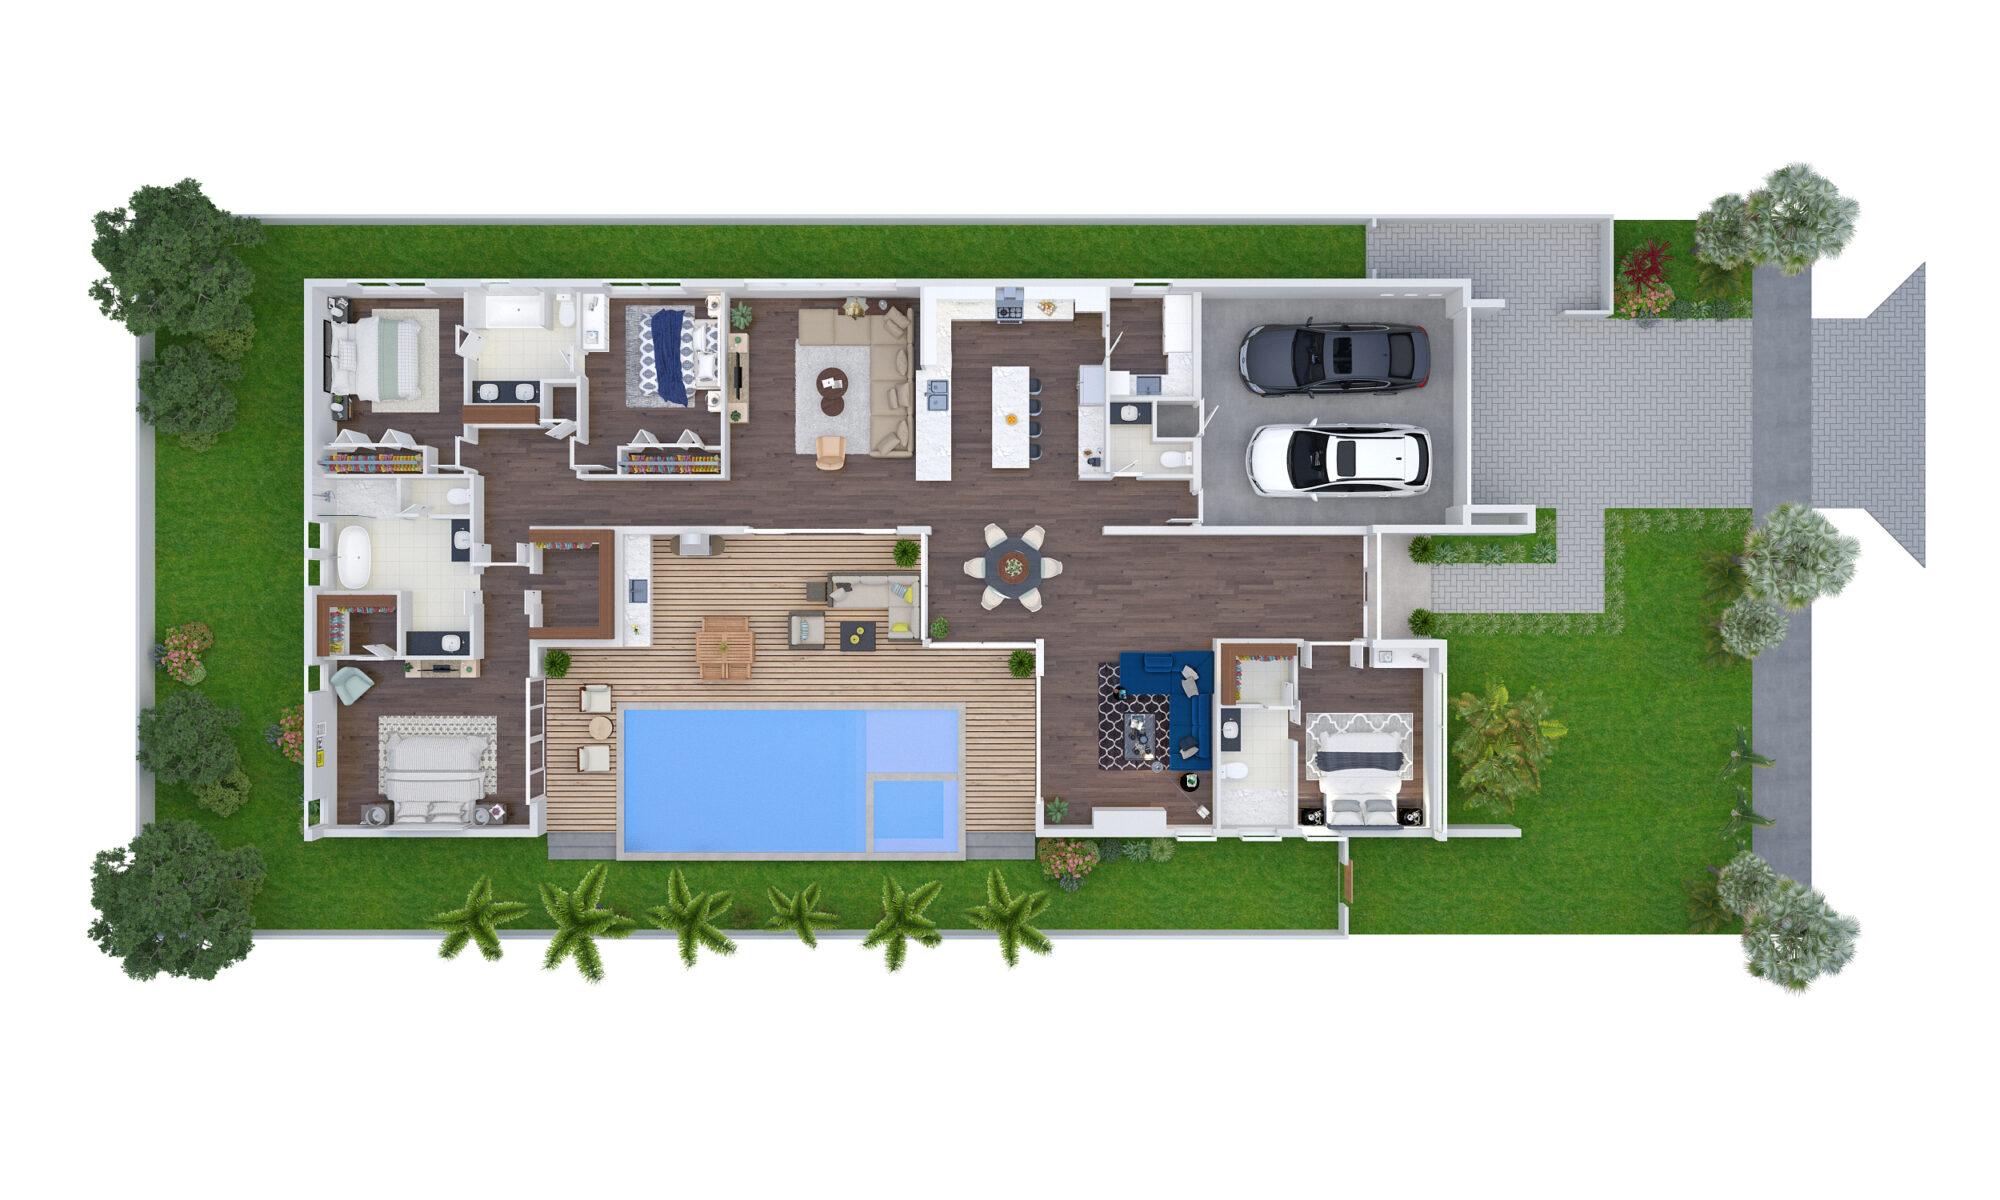 513 N E 9 Avenue, Rendering 2, Floor and Site Plan, Jul 12, 2018